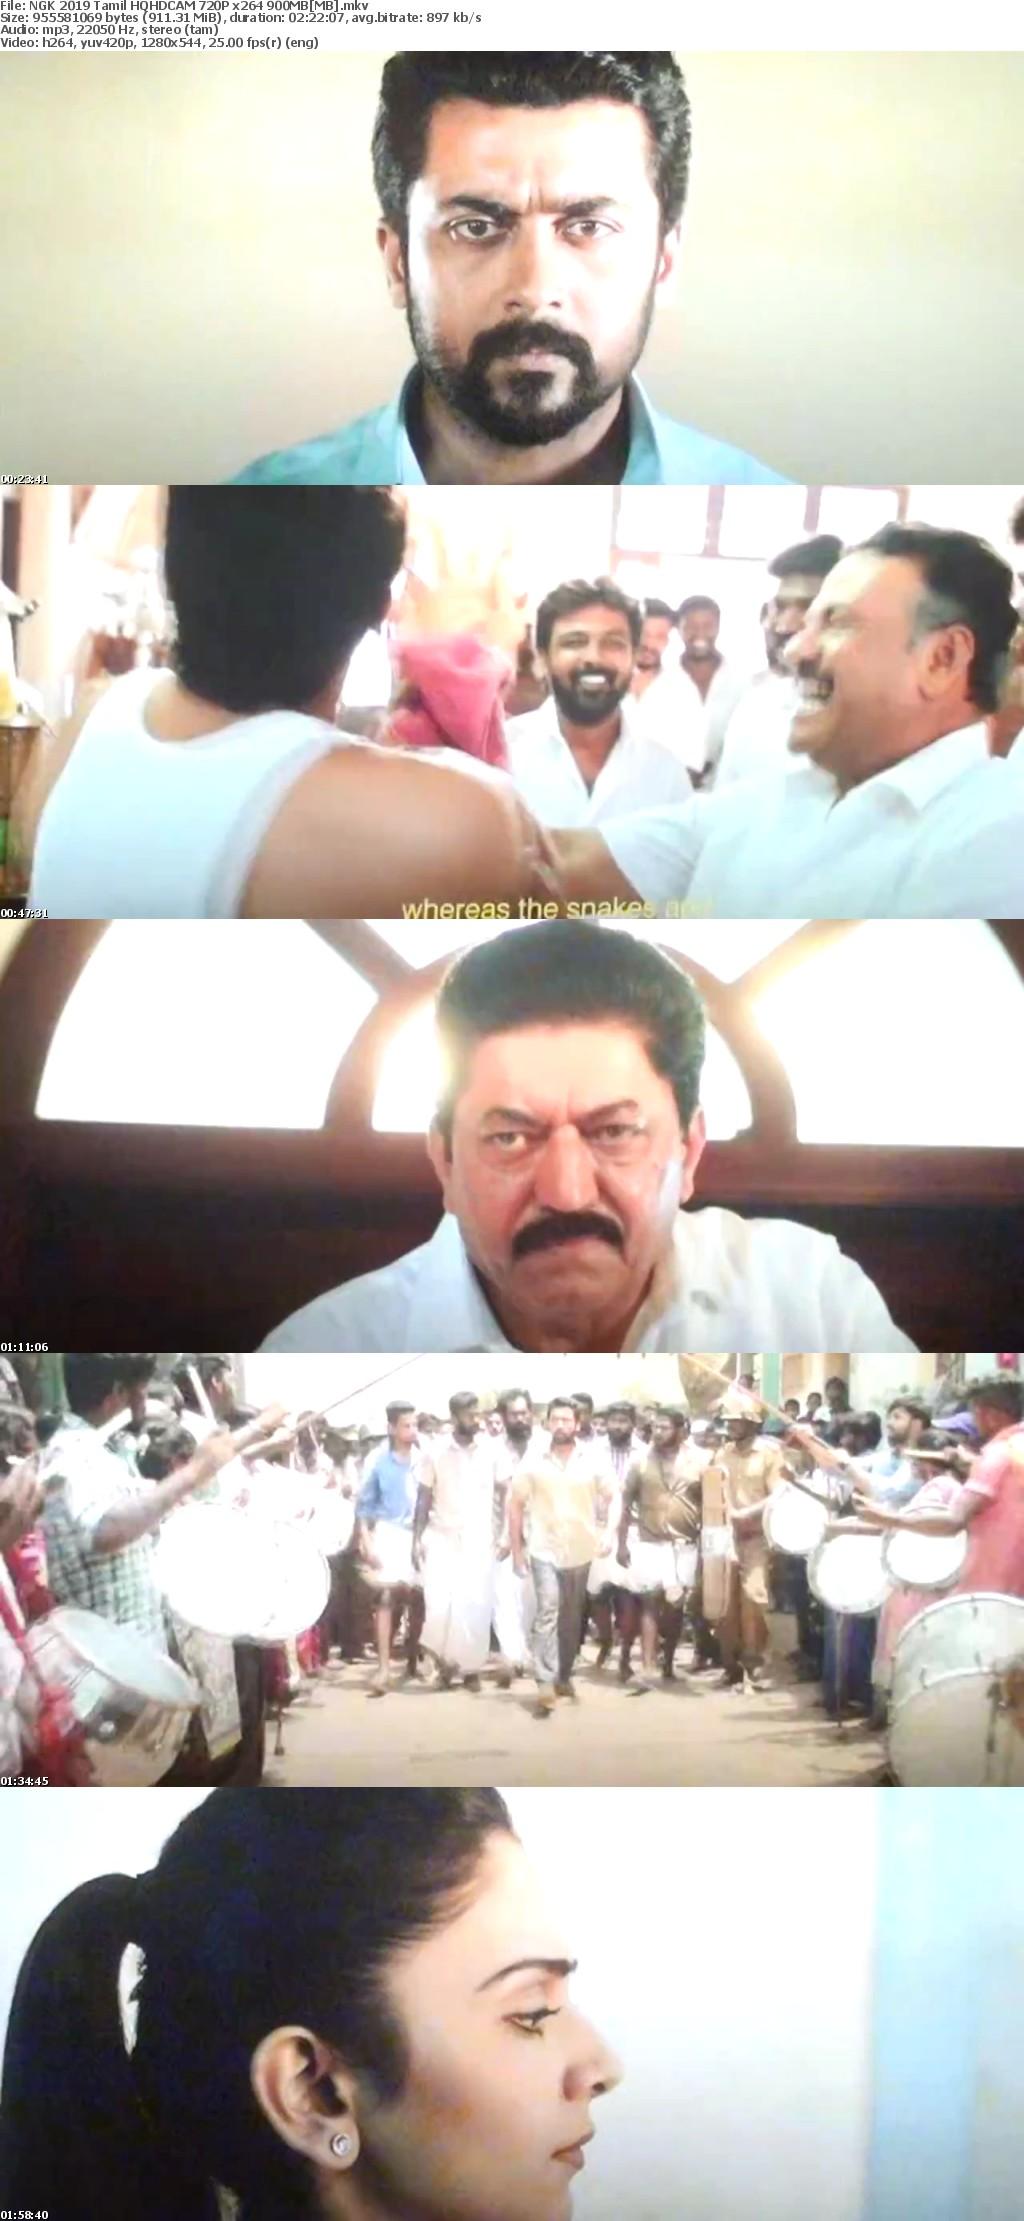 NGK 2019 Tamil HQHDCAM 720P x264 900MB[MB]